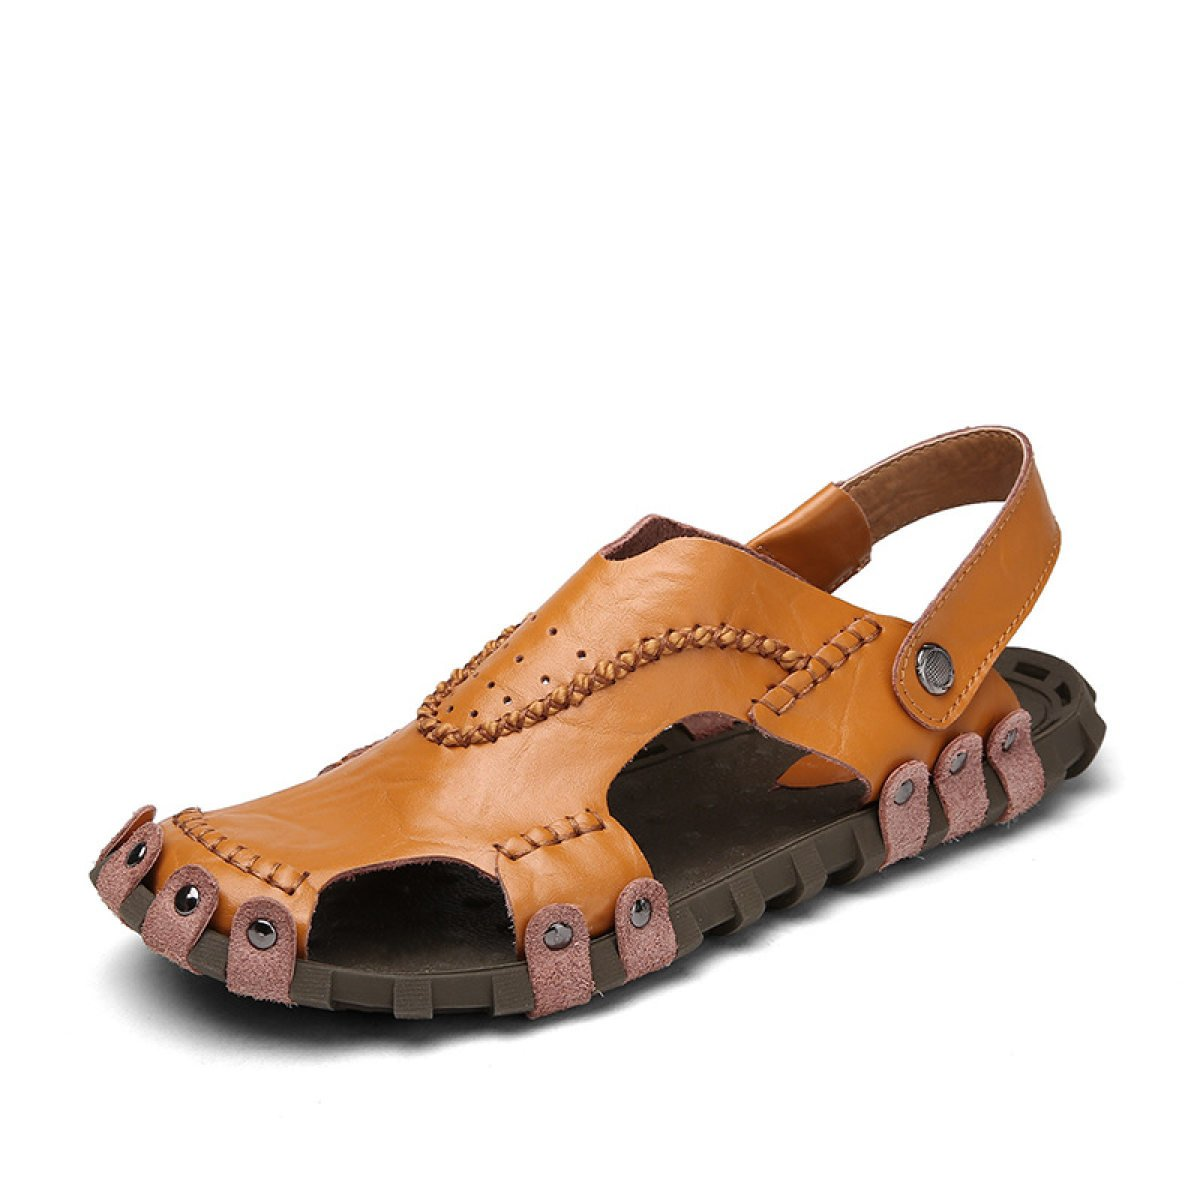 Sandales Décontractées Dfb Respirantes Chaussures Confortables Confortables Pour Hommes Chaussons En Cuir Chaussons Pour Femmes,Brown-43 80%OFF